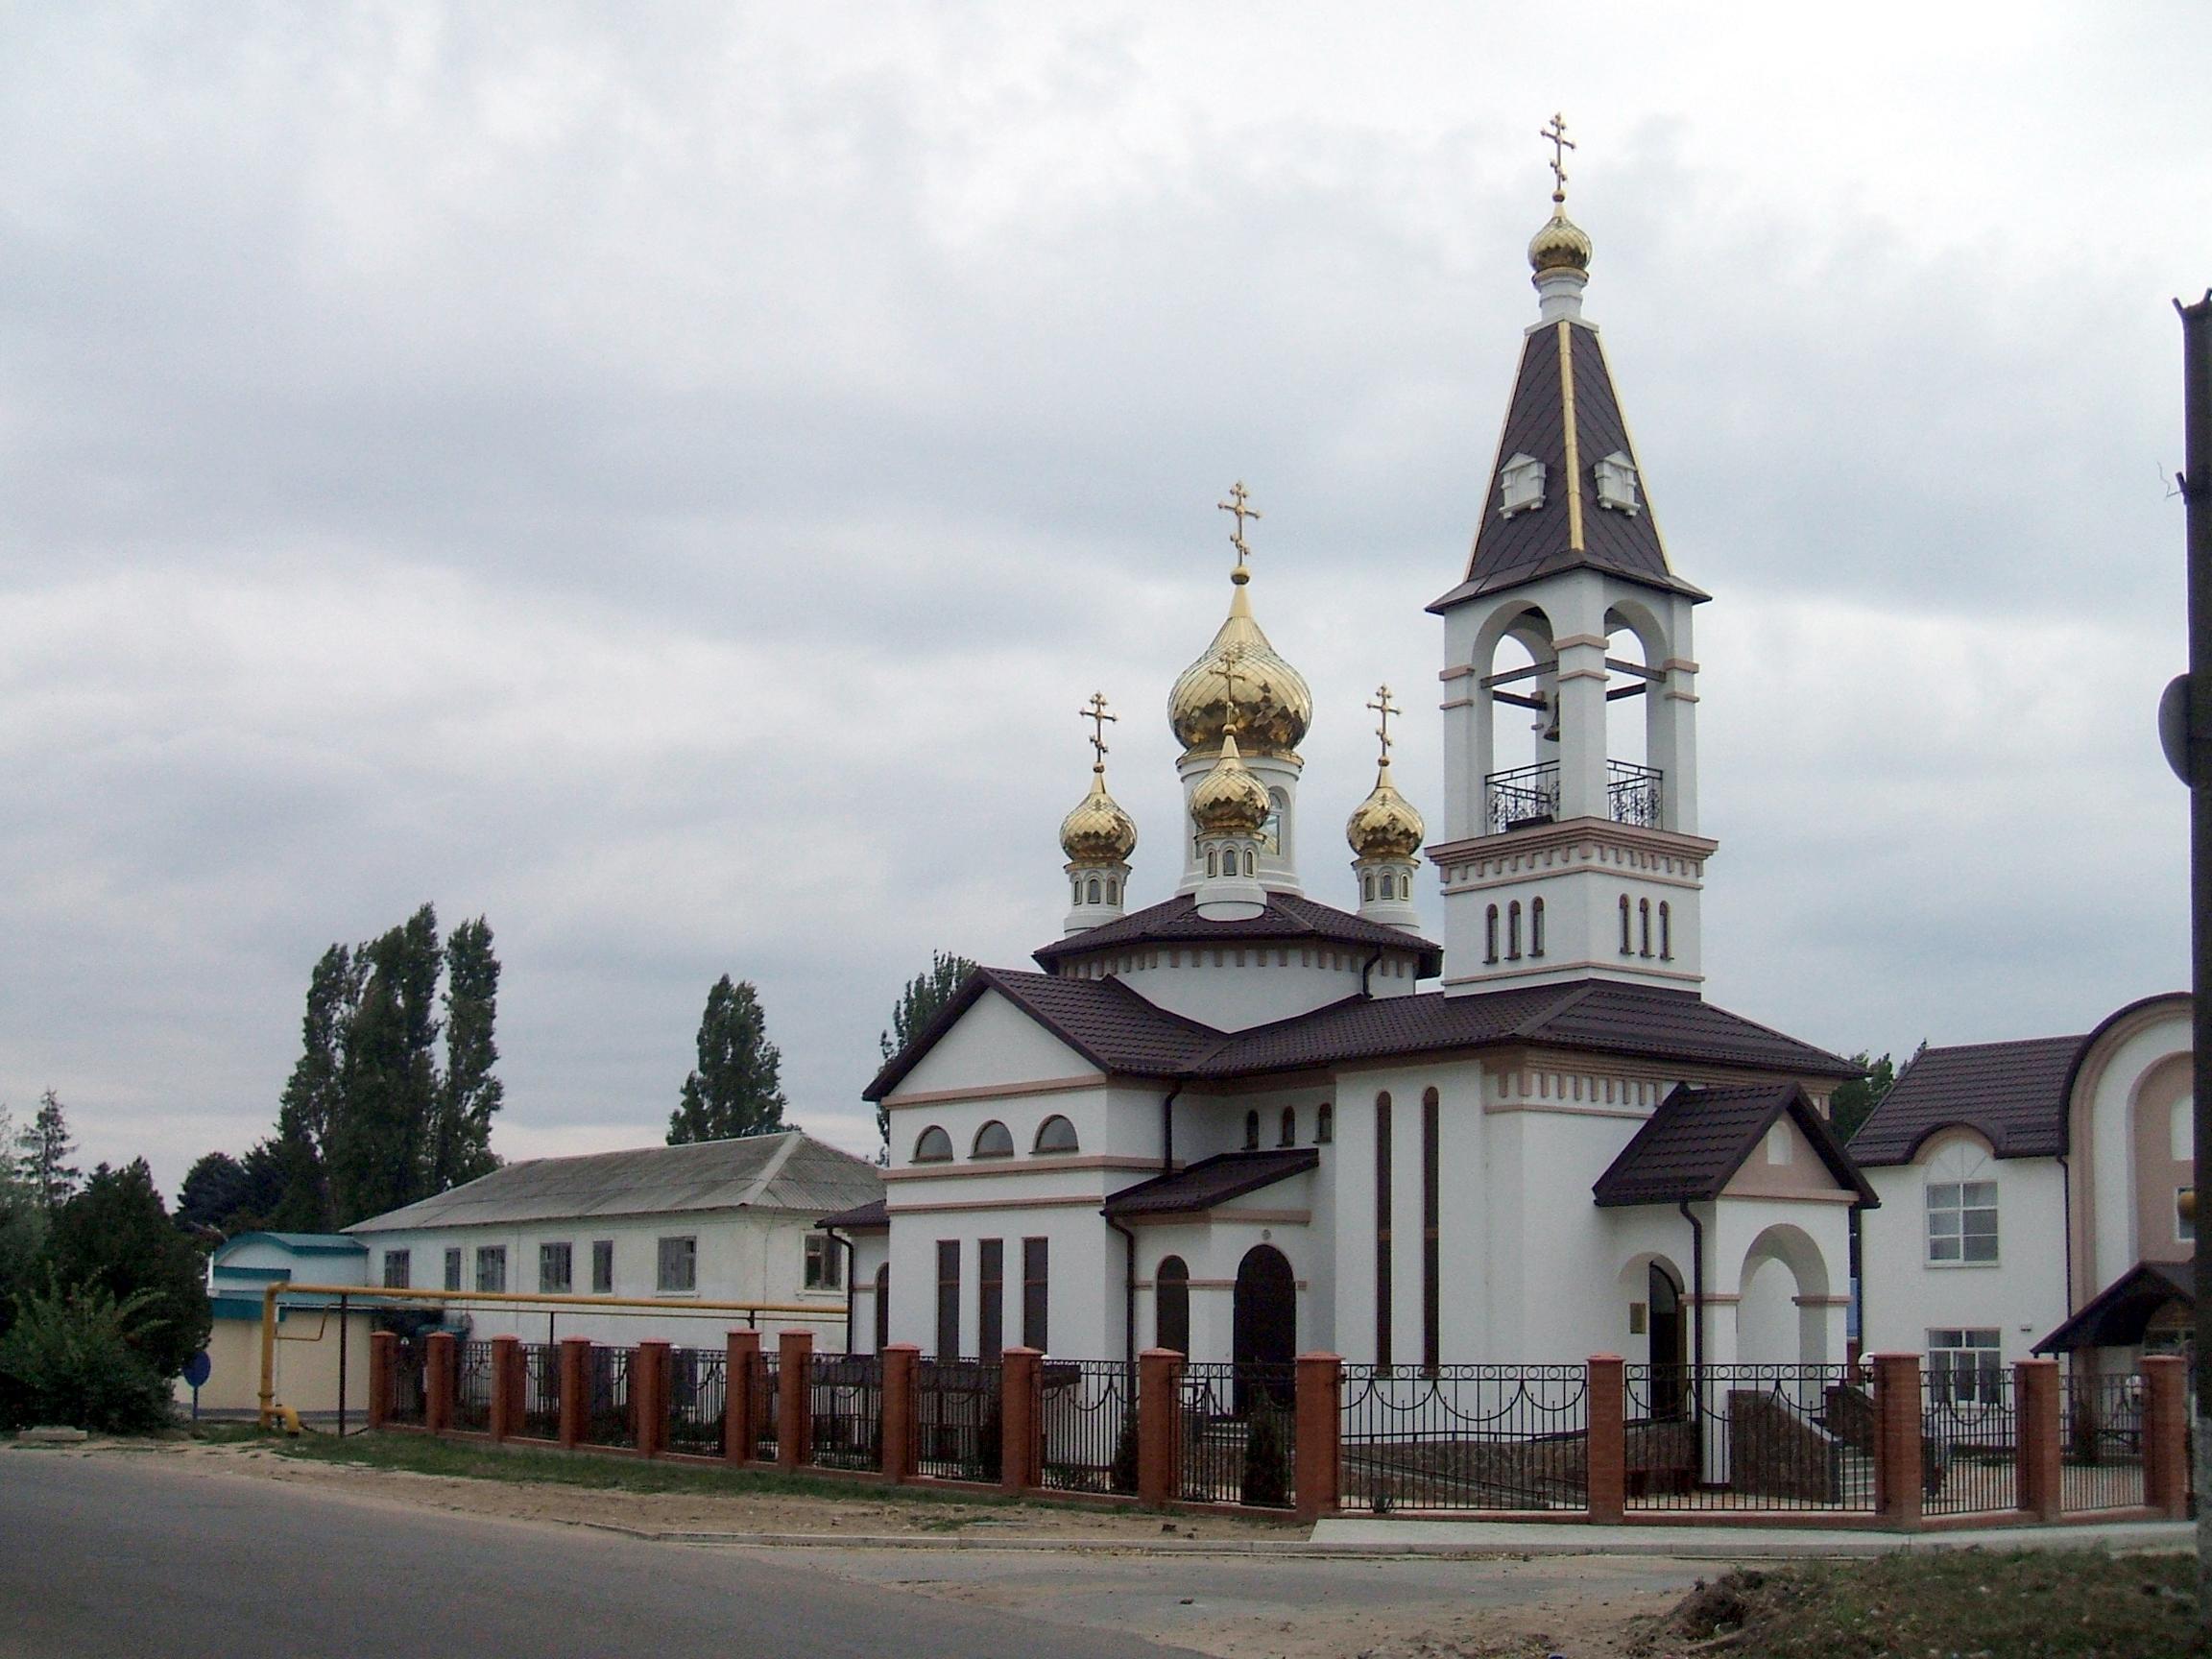 Церкви и храмы пантелеймона 14 фотография